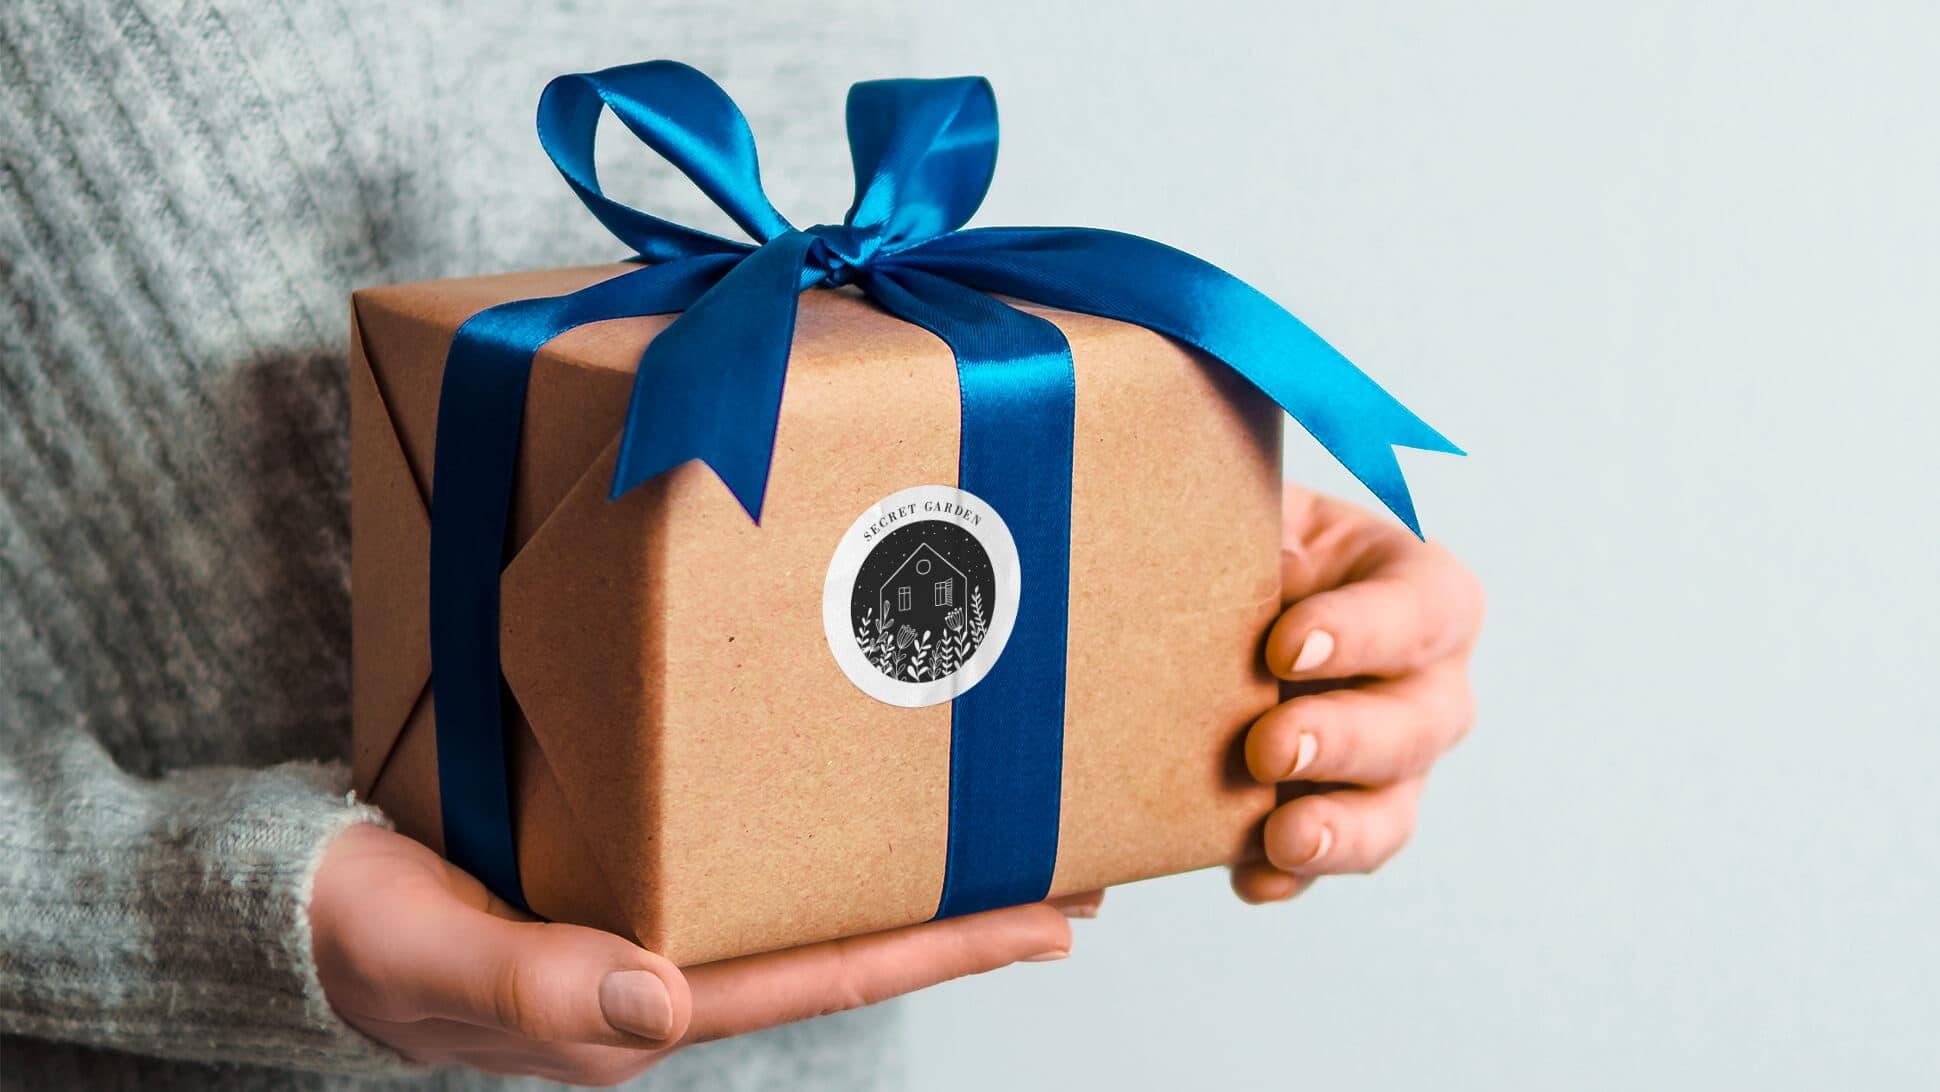 Chiudipacco adesivi per confezioni regalo | tictac.it